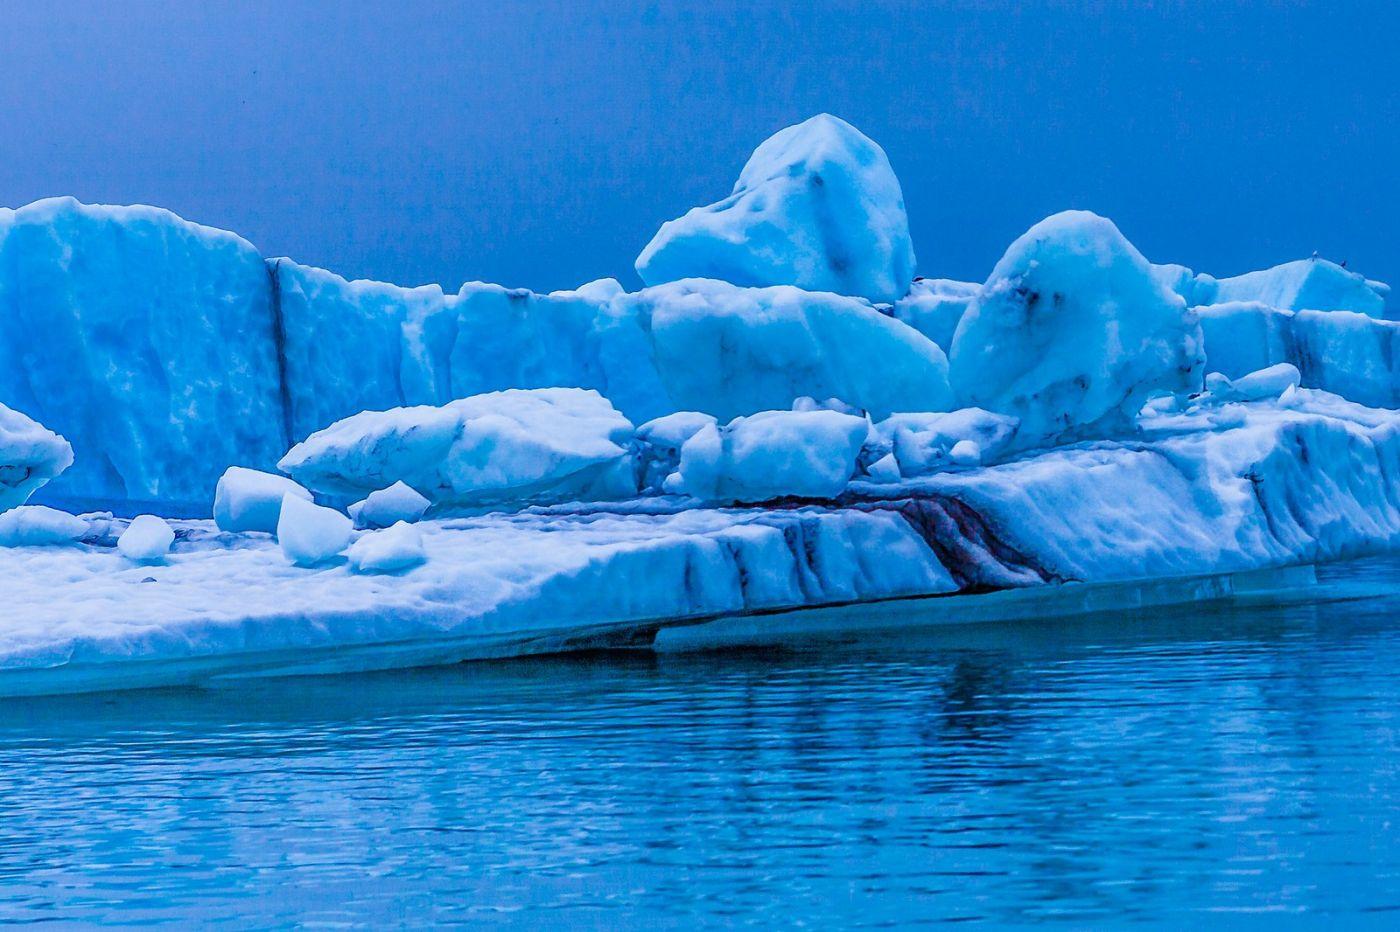 冰岛冰川泻湖(Glacier Lagoon),自然雕塑_图1-39